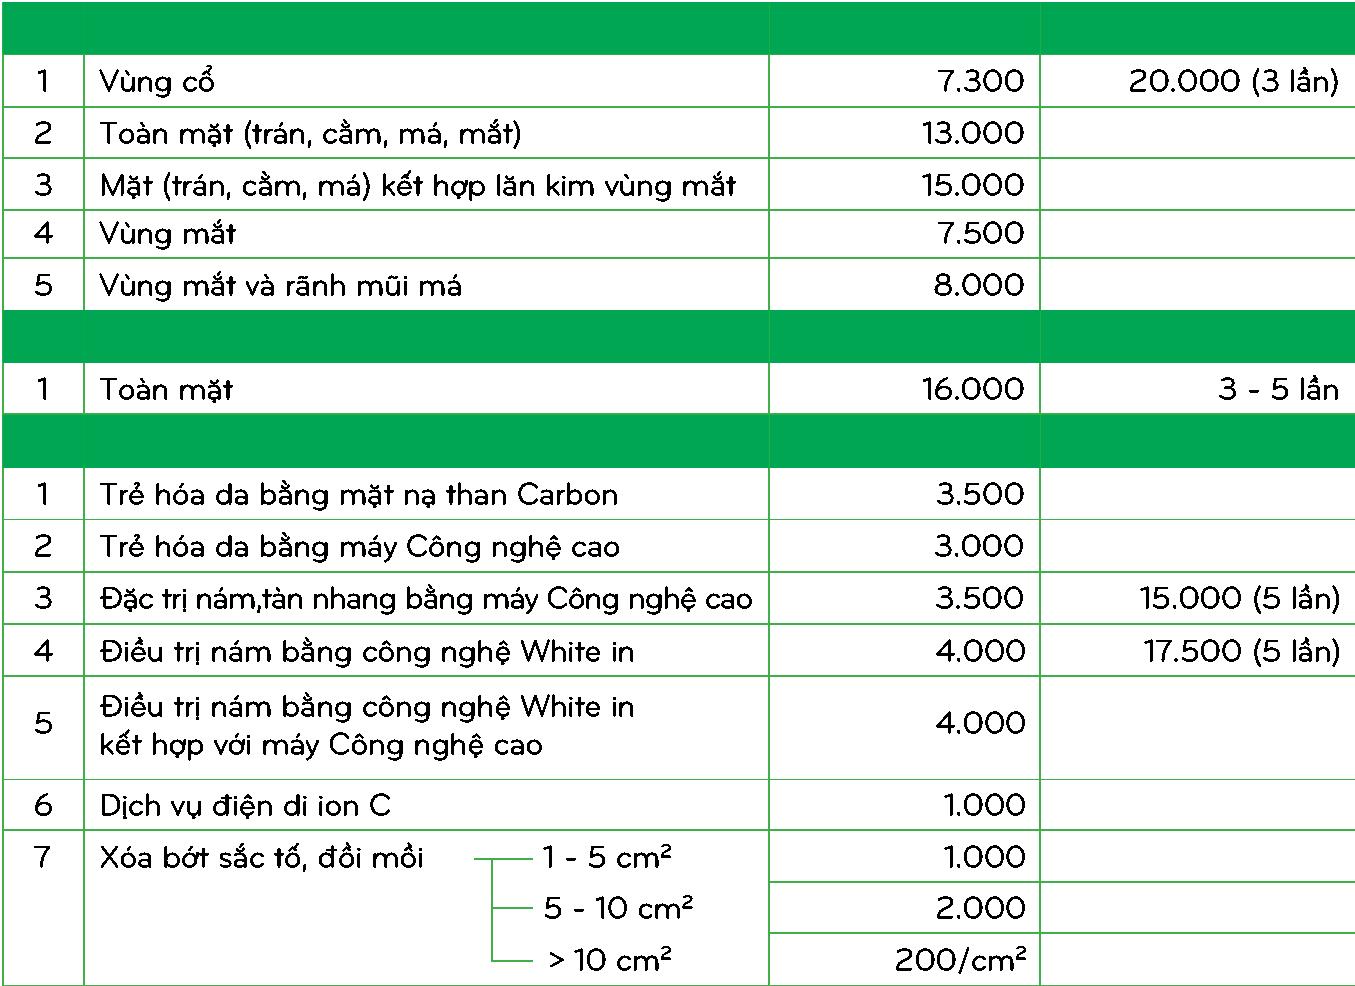 bảng giá căng da và trẻ hóa da tại thu cúc